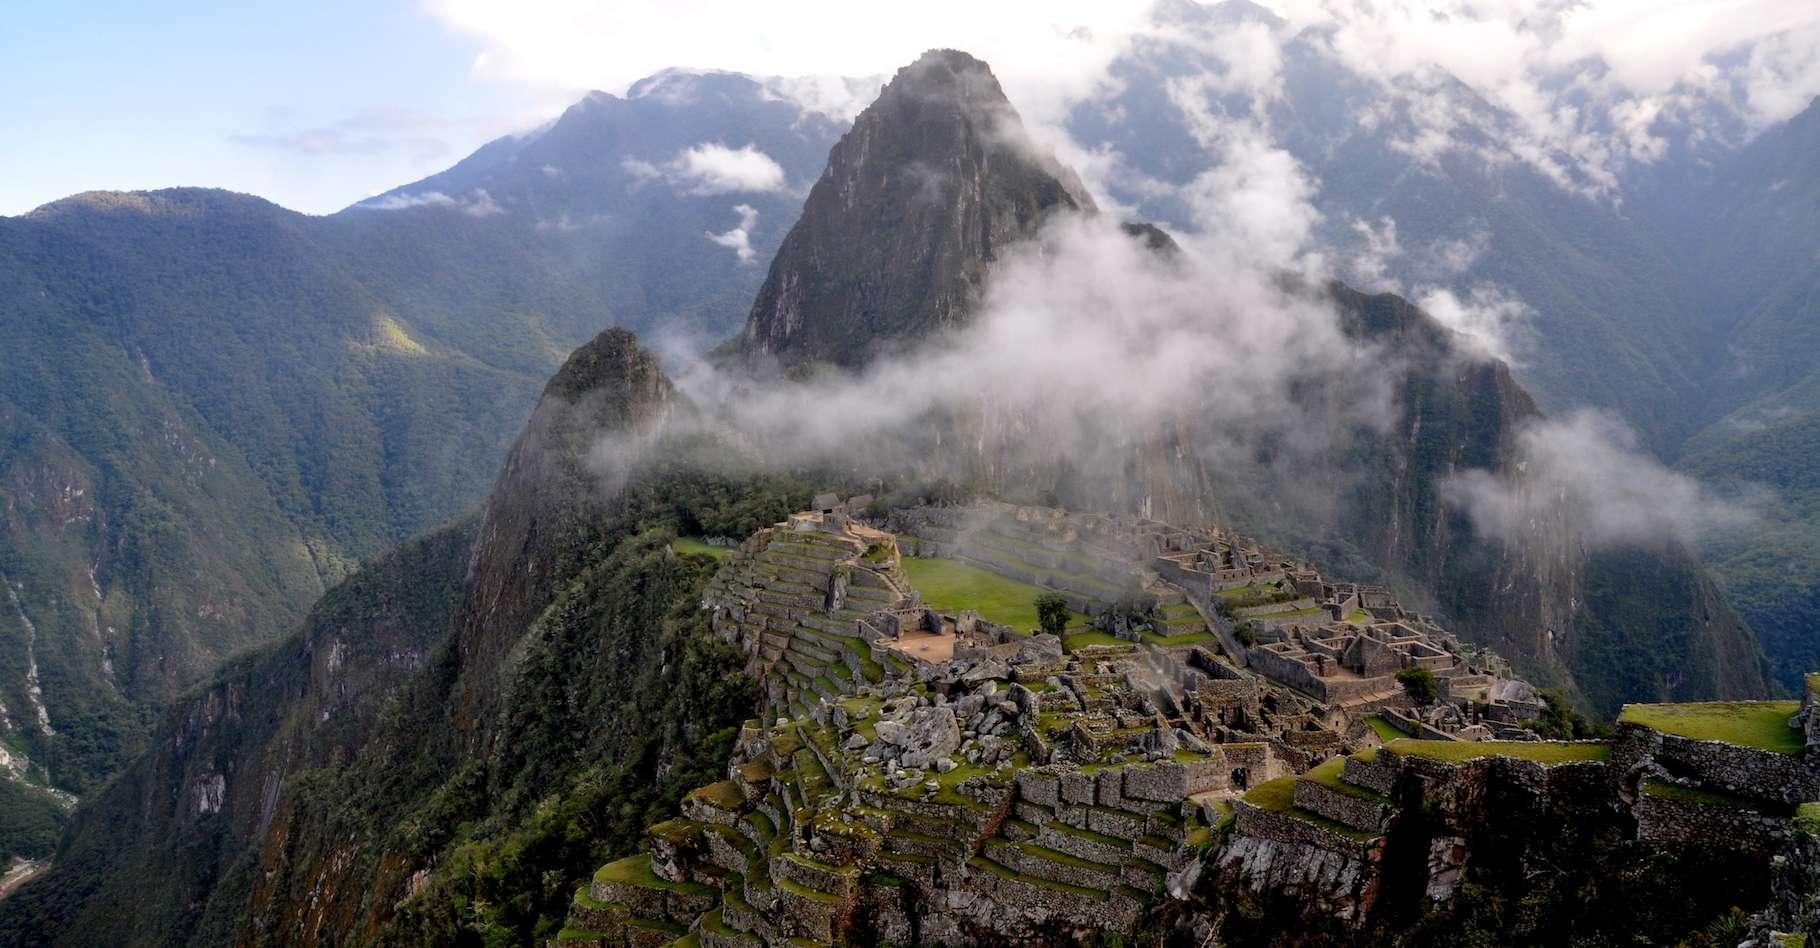 Le site du Machu Picchu n'a pas été choisi par hasard! © Rualdo Menegat, Université fédérale du Rio Grande do Sul